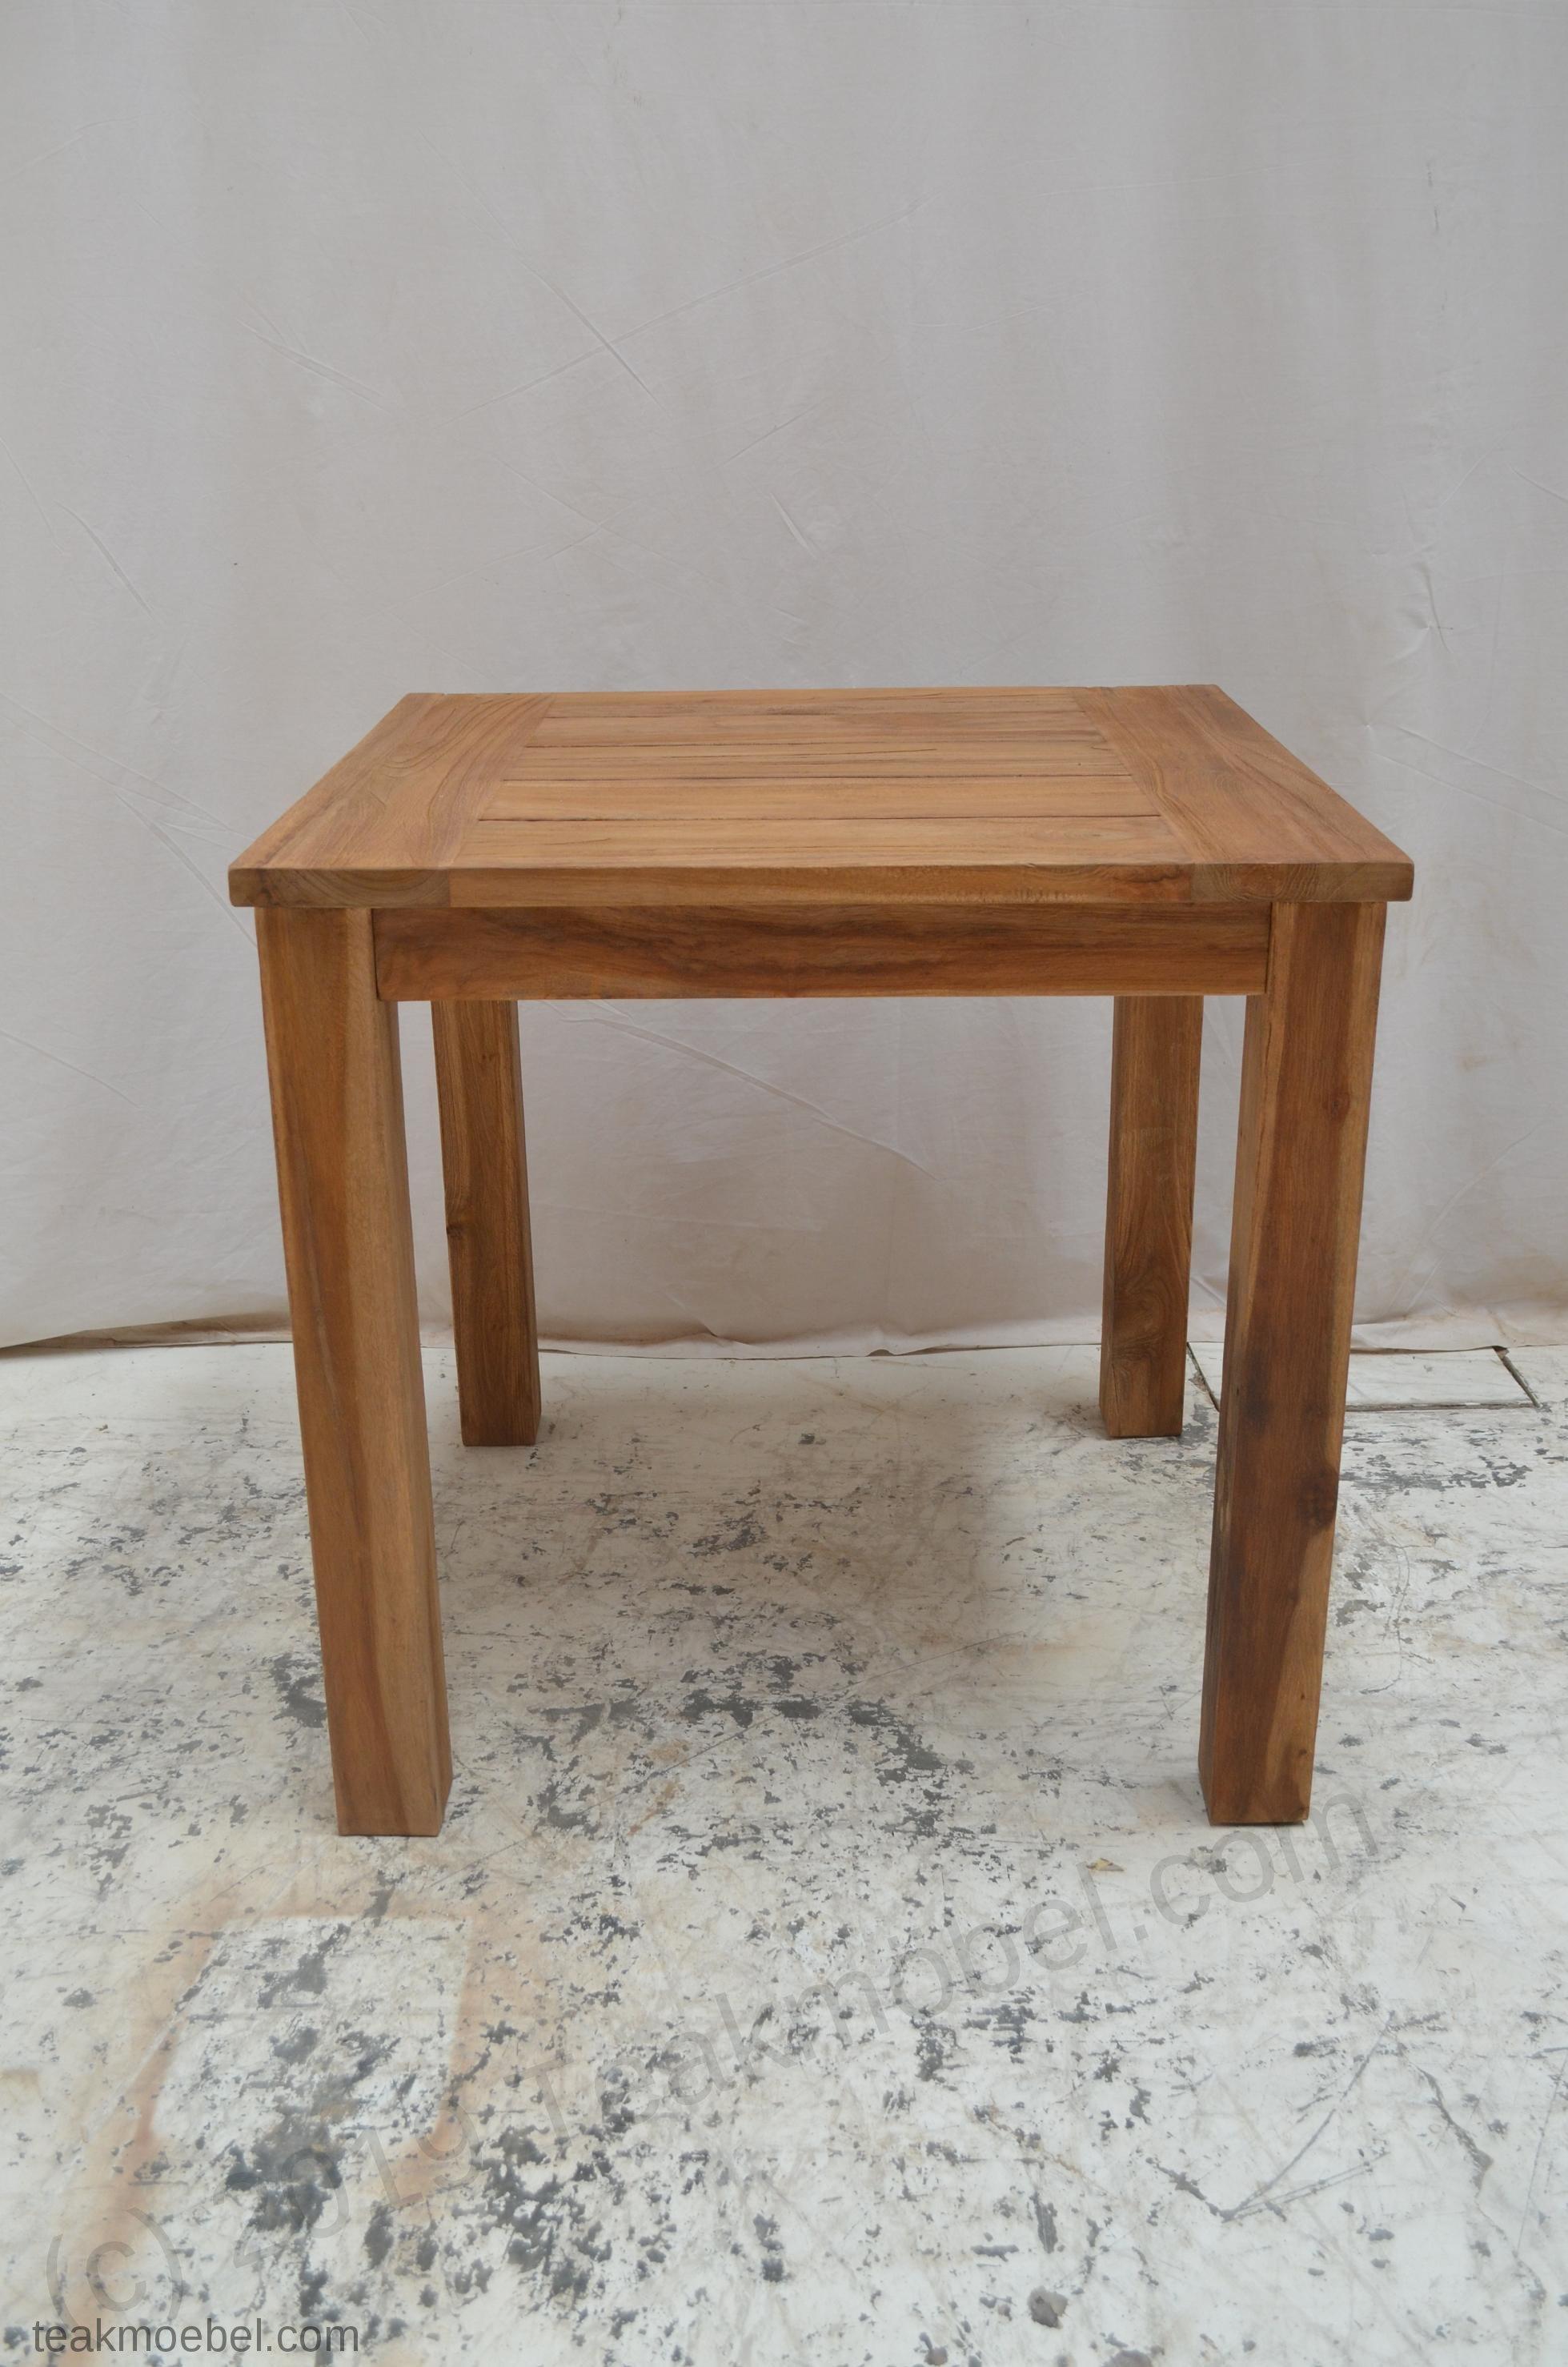 Gartentisch Holz 140 X 80 Barhocker Tisch Set Gartentisch Holz